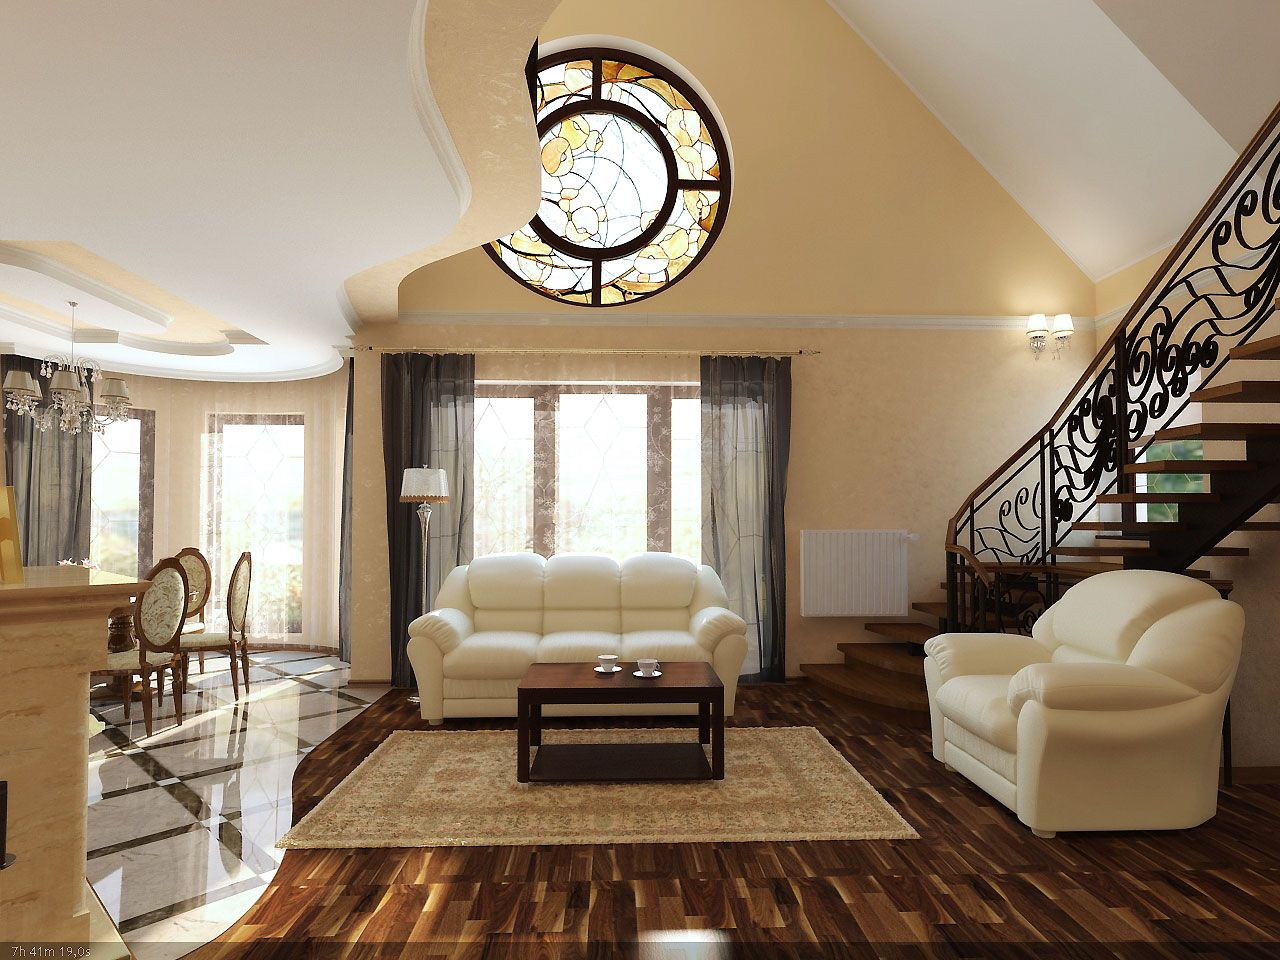 #Savanspace #interiors represent best #residential interior #decorators for creative #design .